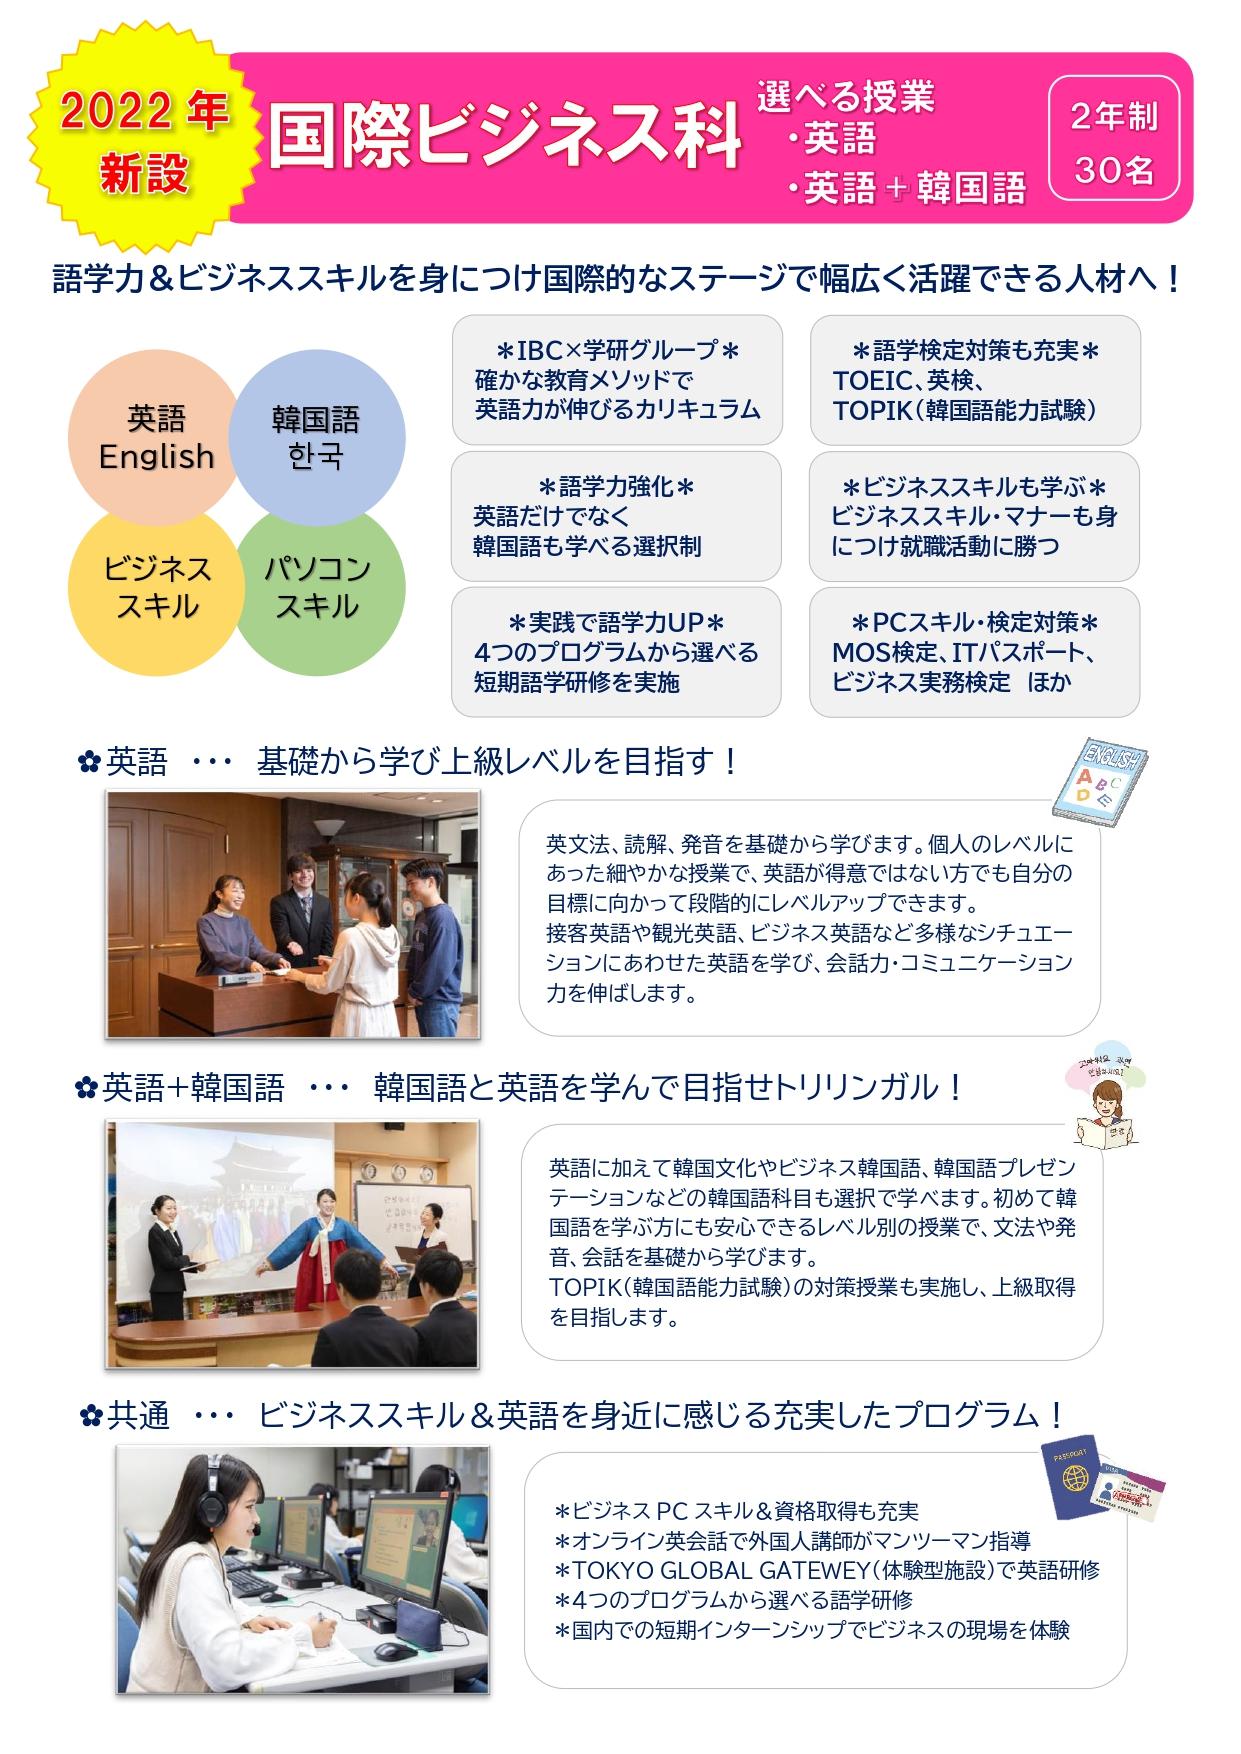 国際ビジネス科 案内チラシ-1_page-0001